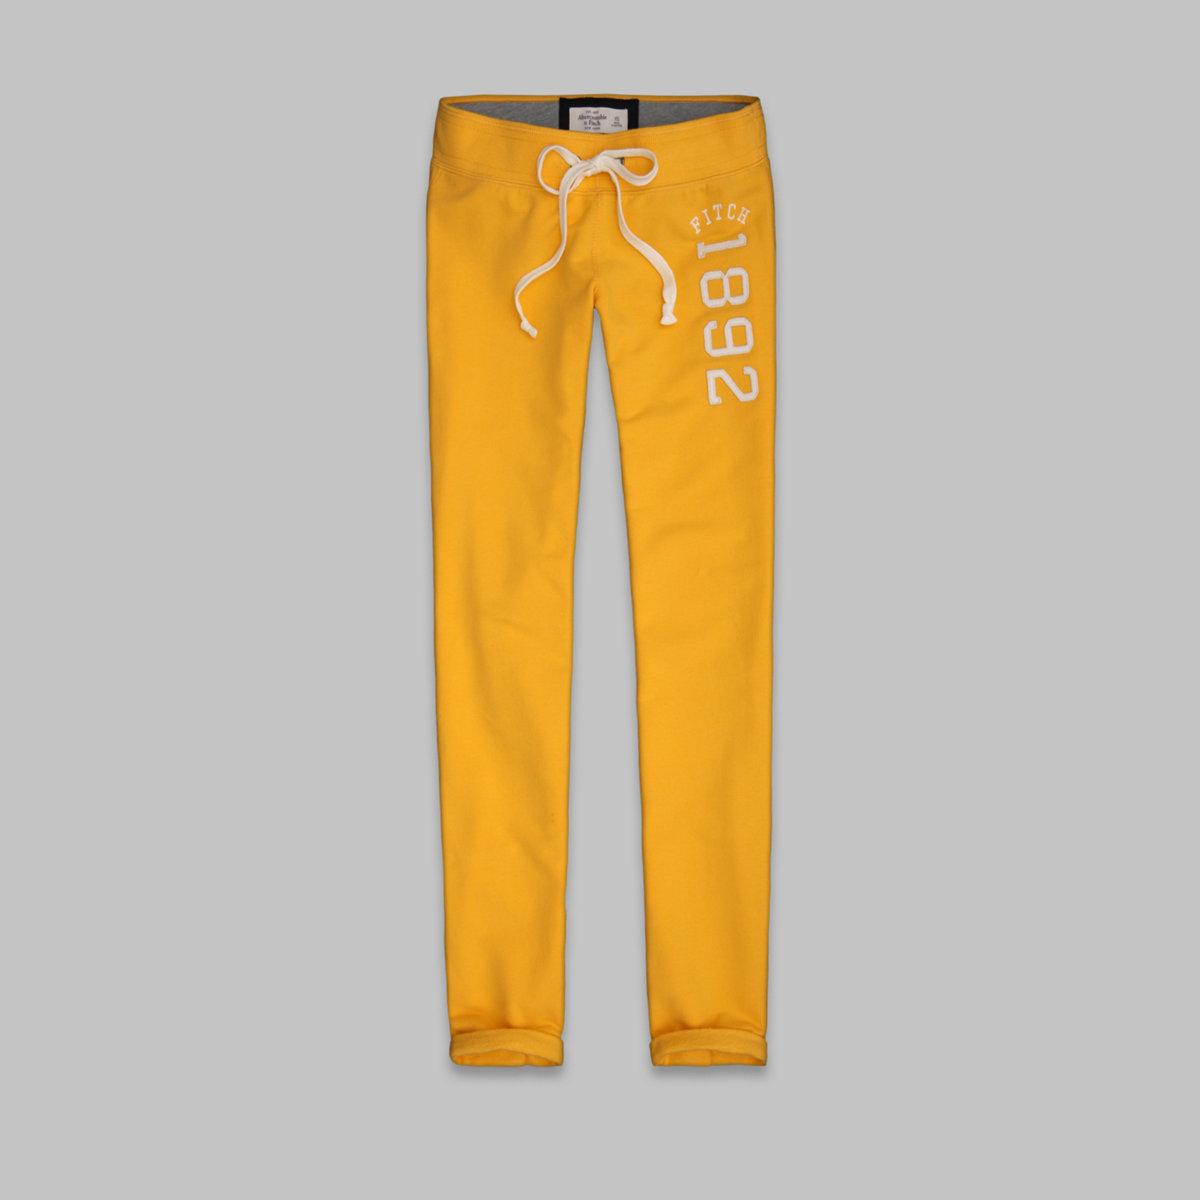 A&F Skinny Sweatpants